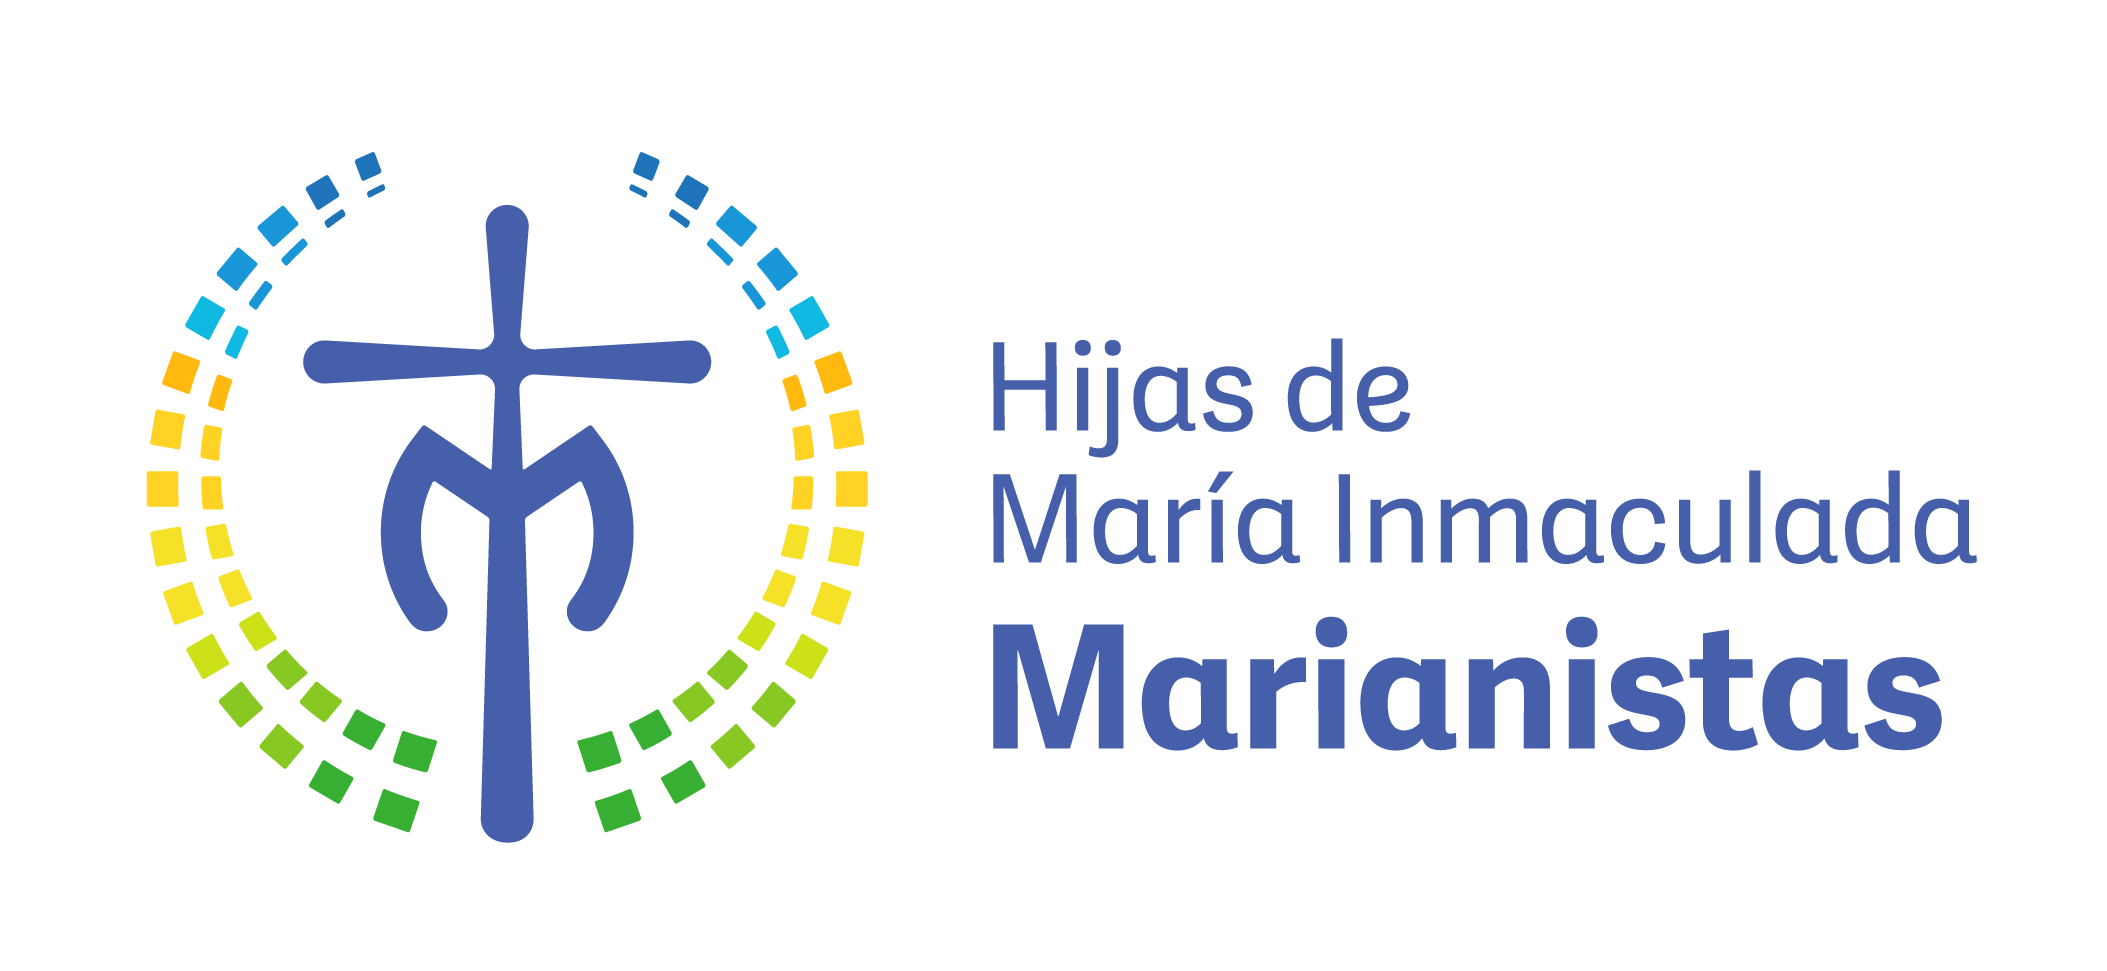 Hijas de María Inmaculada Marianistas